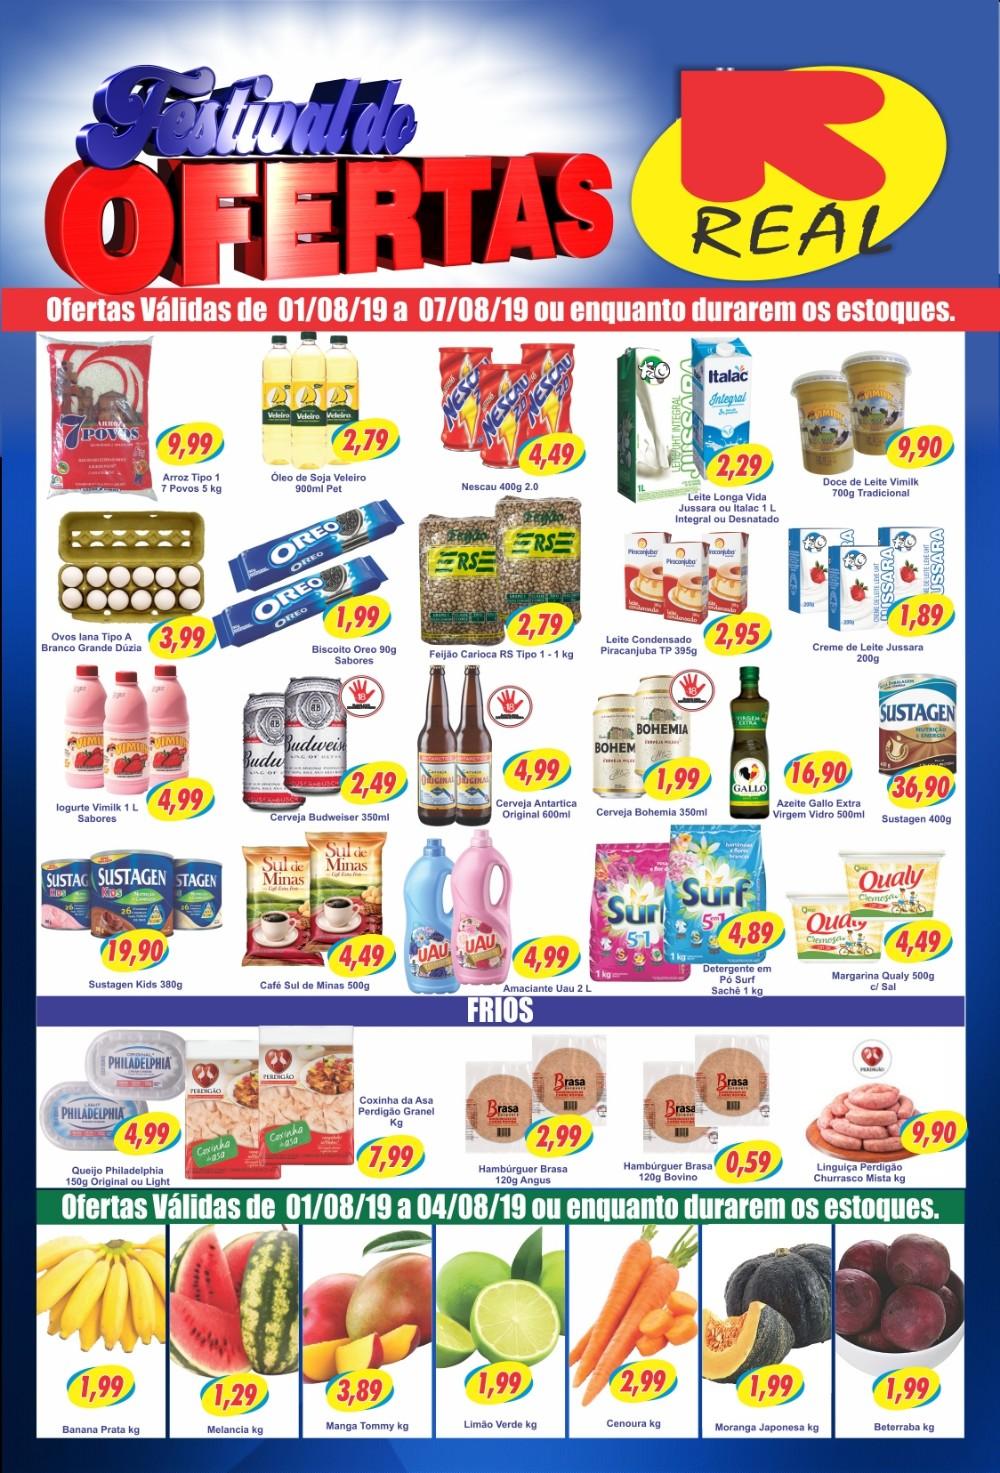 Ofertas incríveis no Supermercado Real, confira!